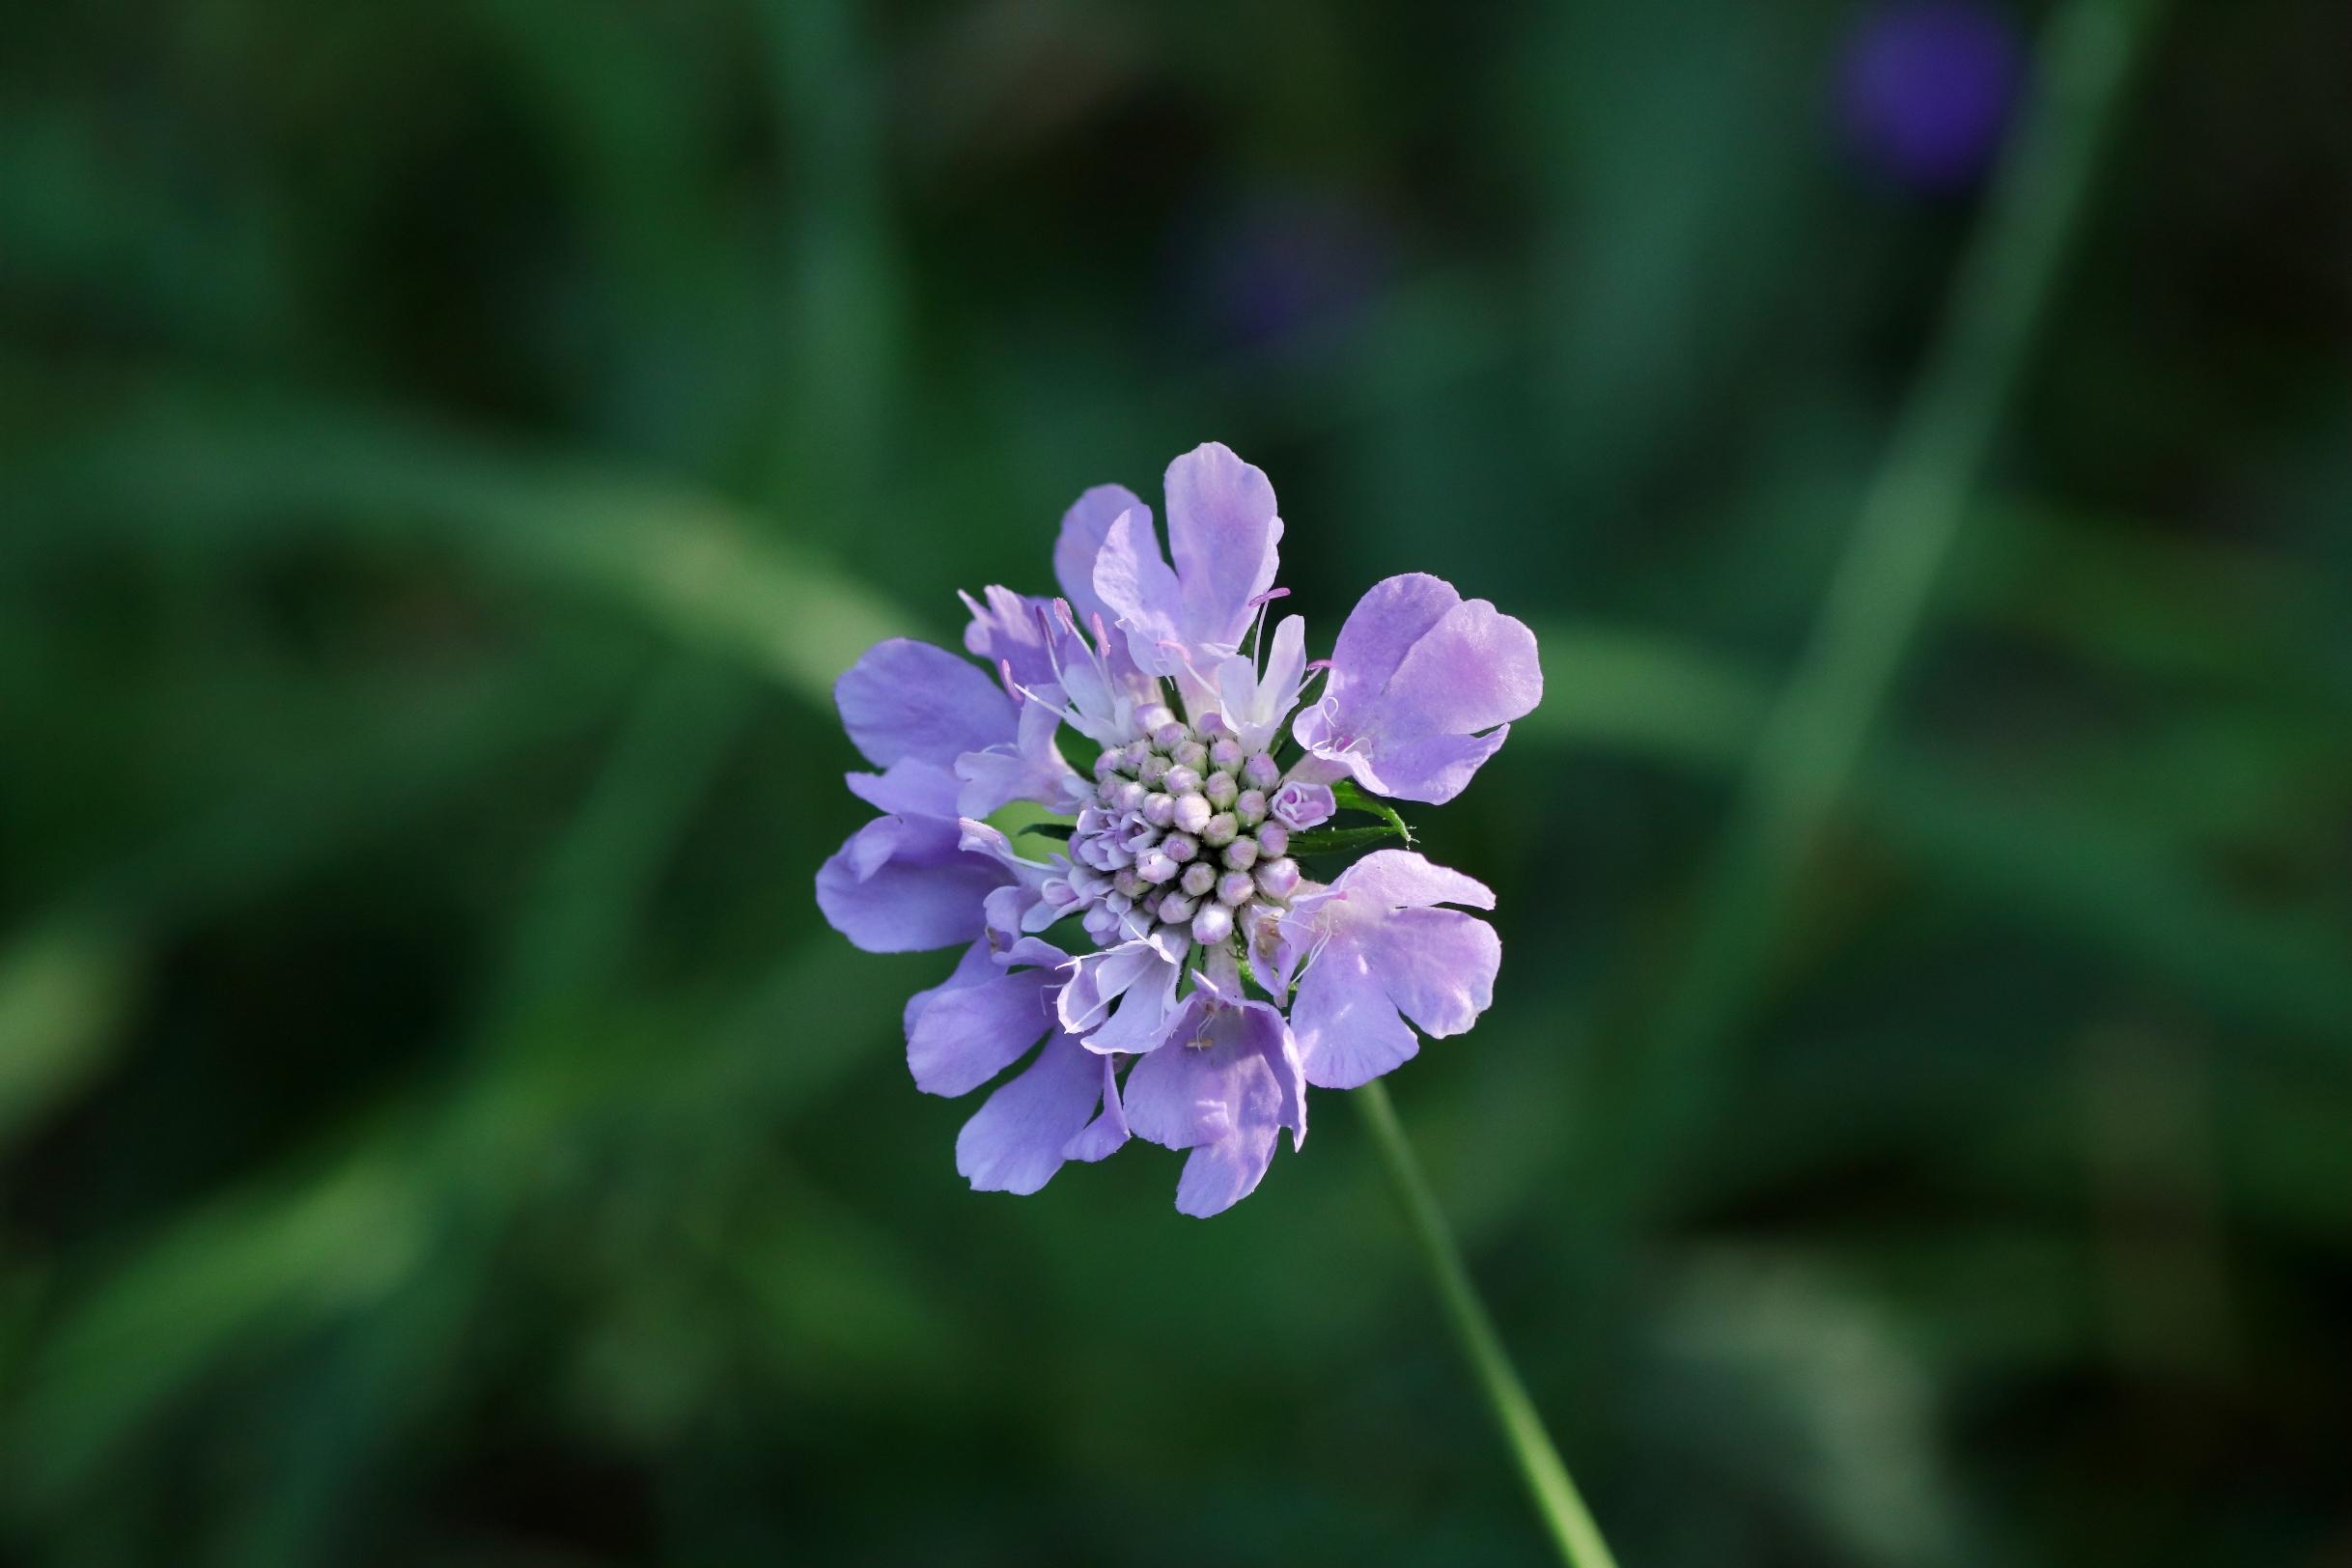 Tauben-Skabiose - Blüte